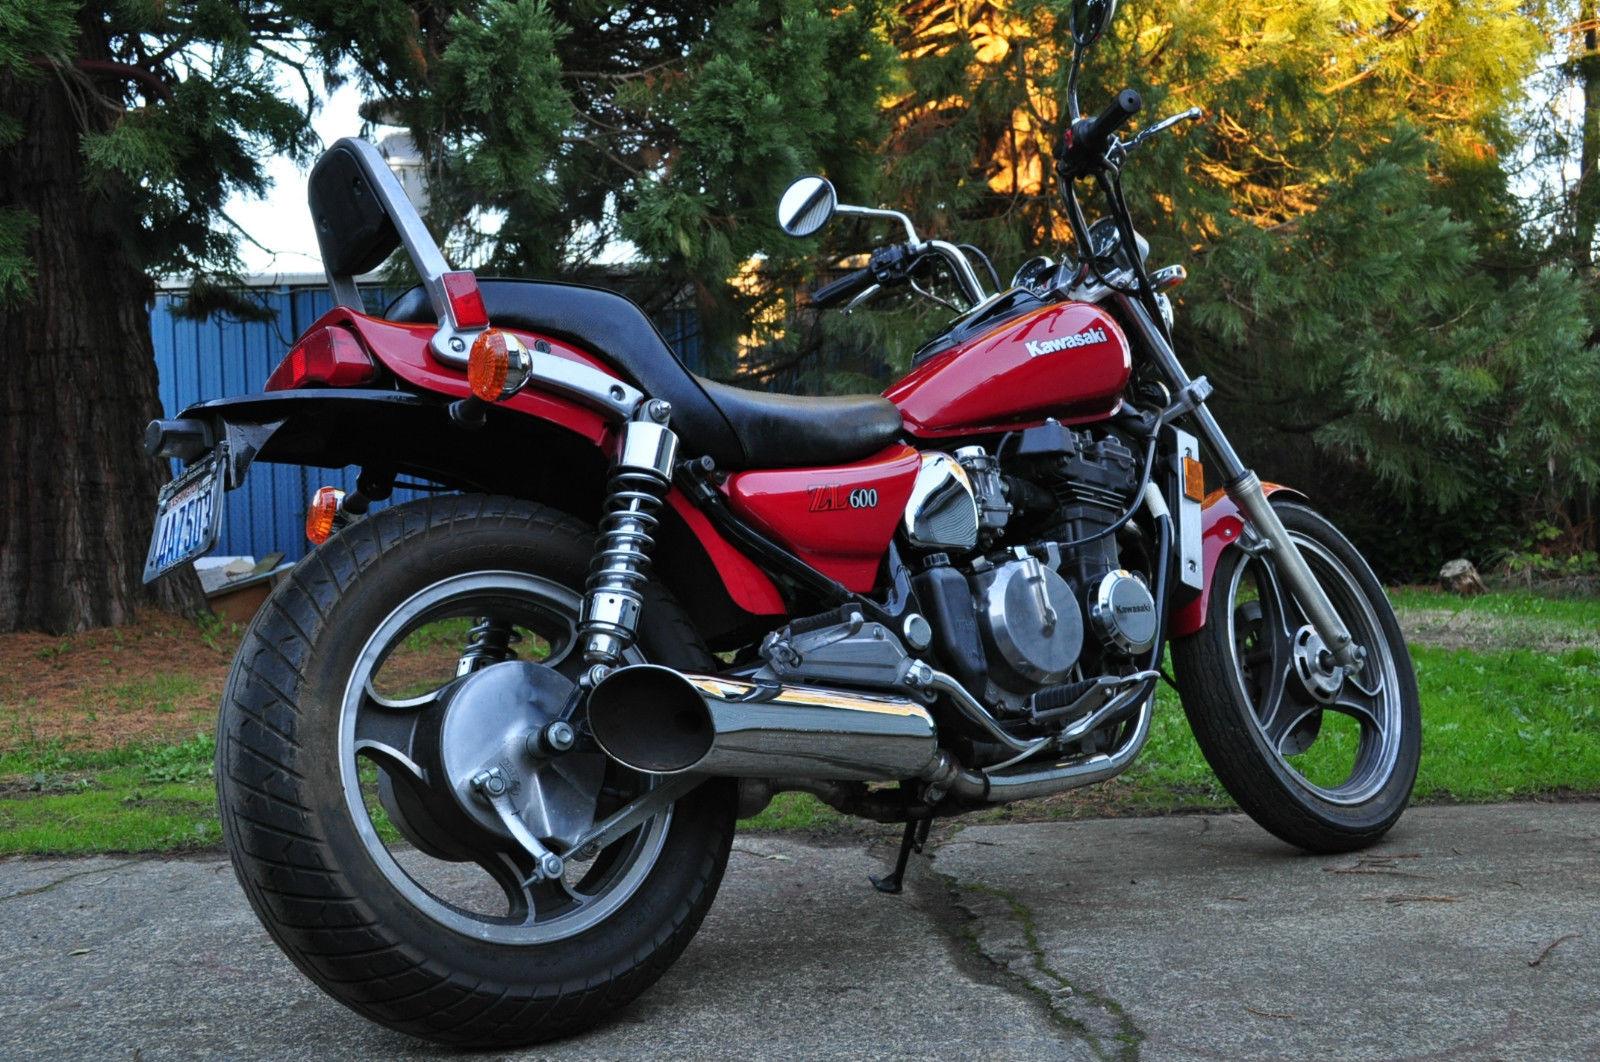 Brugt Kawasaki ZL 600 Eliminator 1986 til salg - 123mc